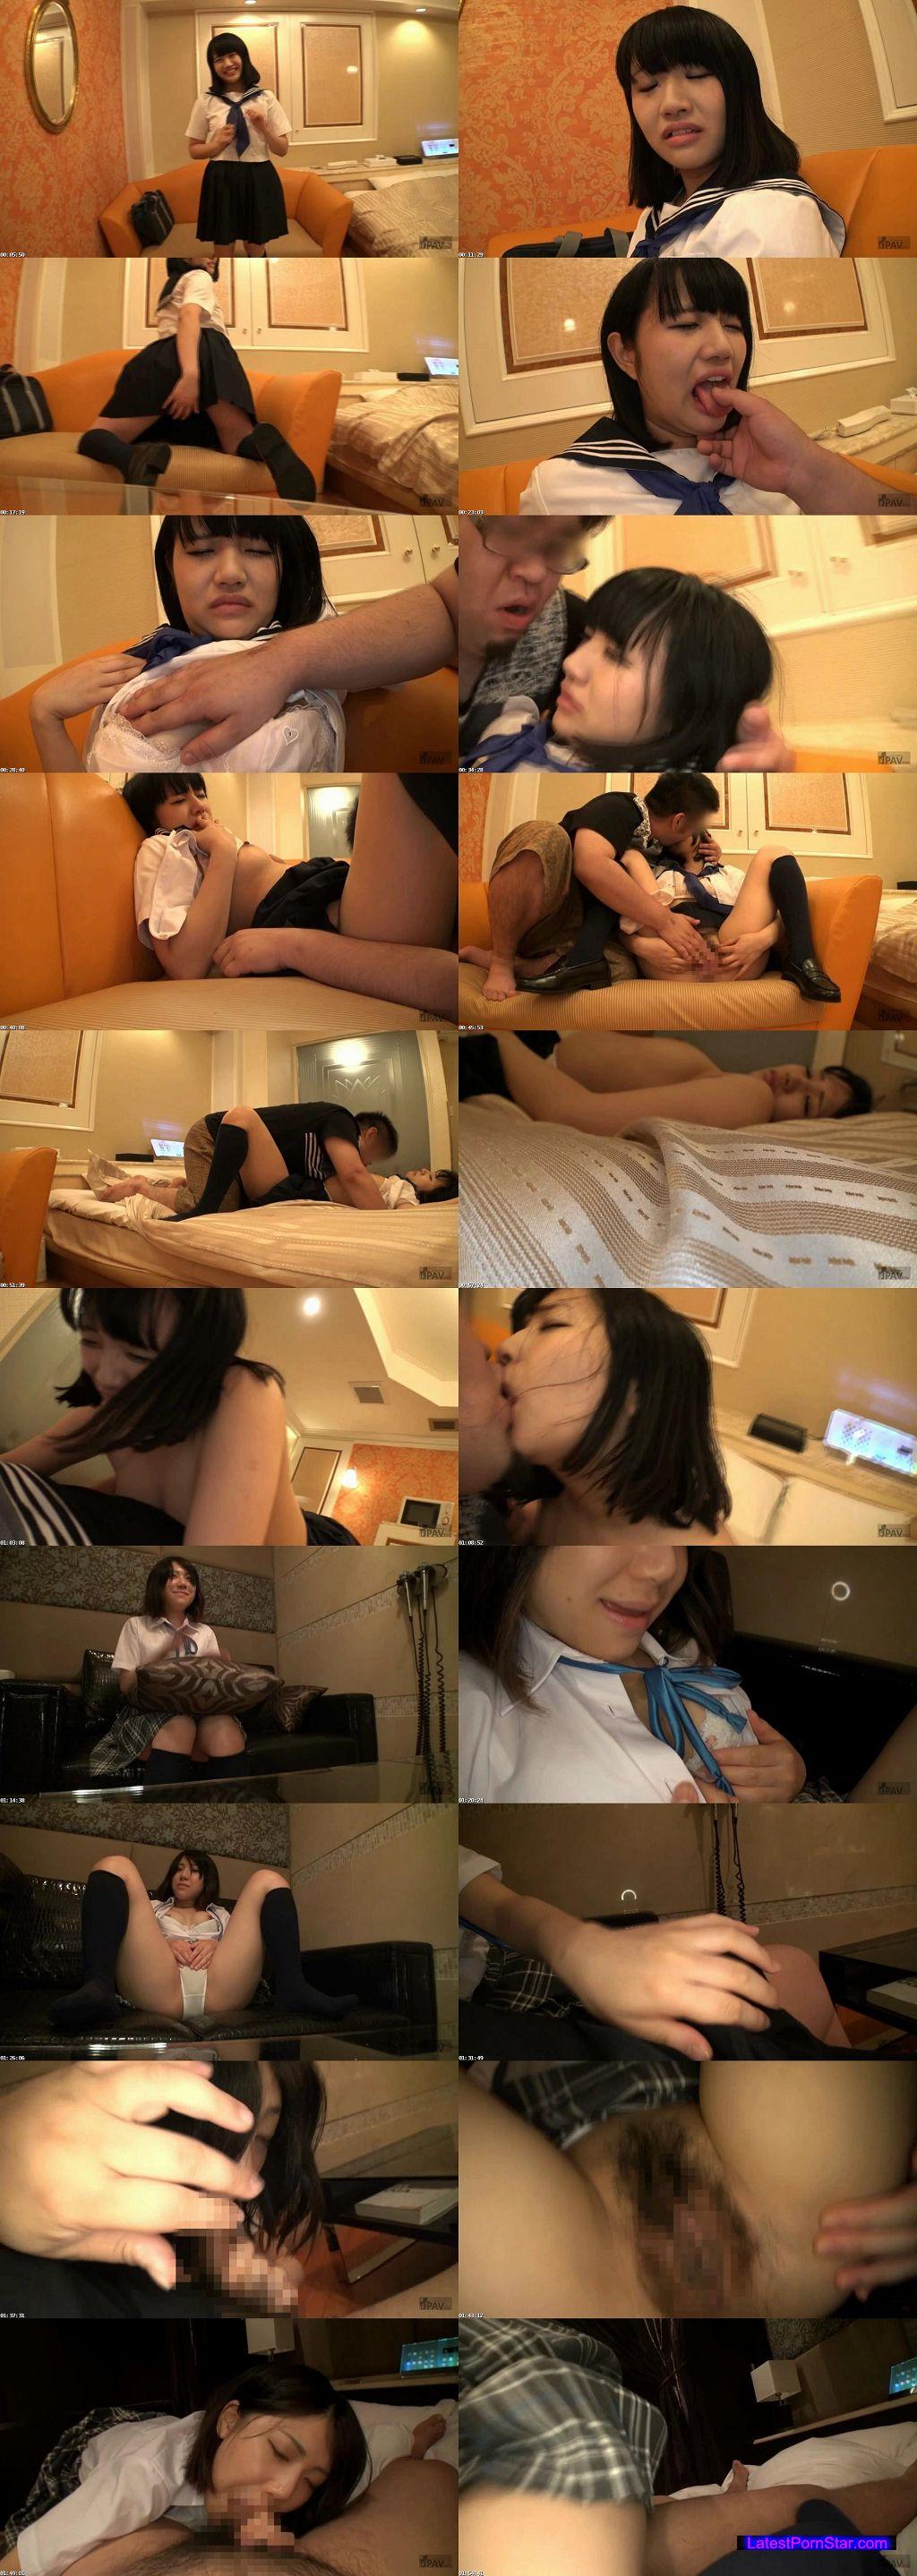 [OYJ-022] 未●年アイドル新鮮子宮に中出し処女デビュー デビュー前の激レアオマ●コを強制使用 アイドルの卵2名